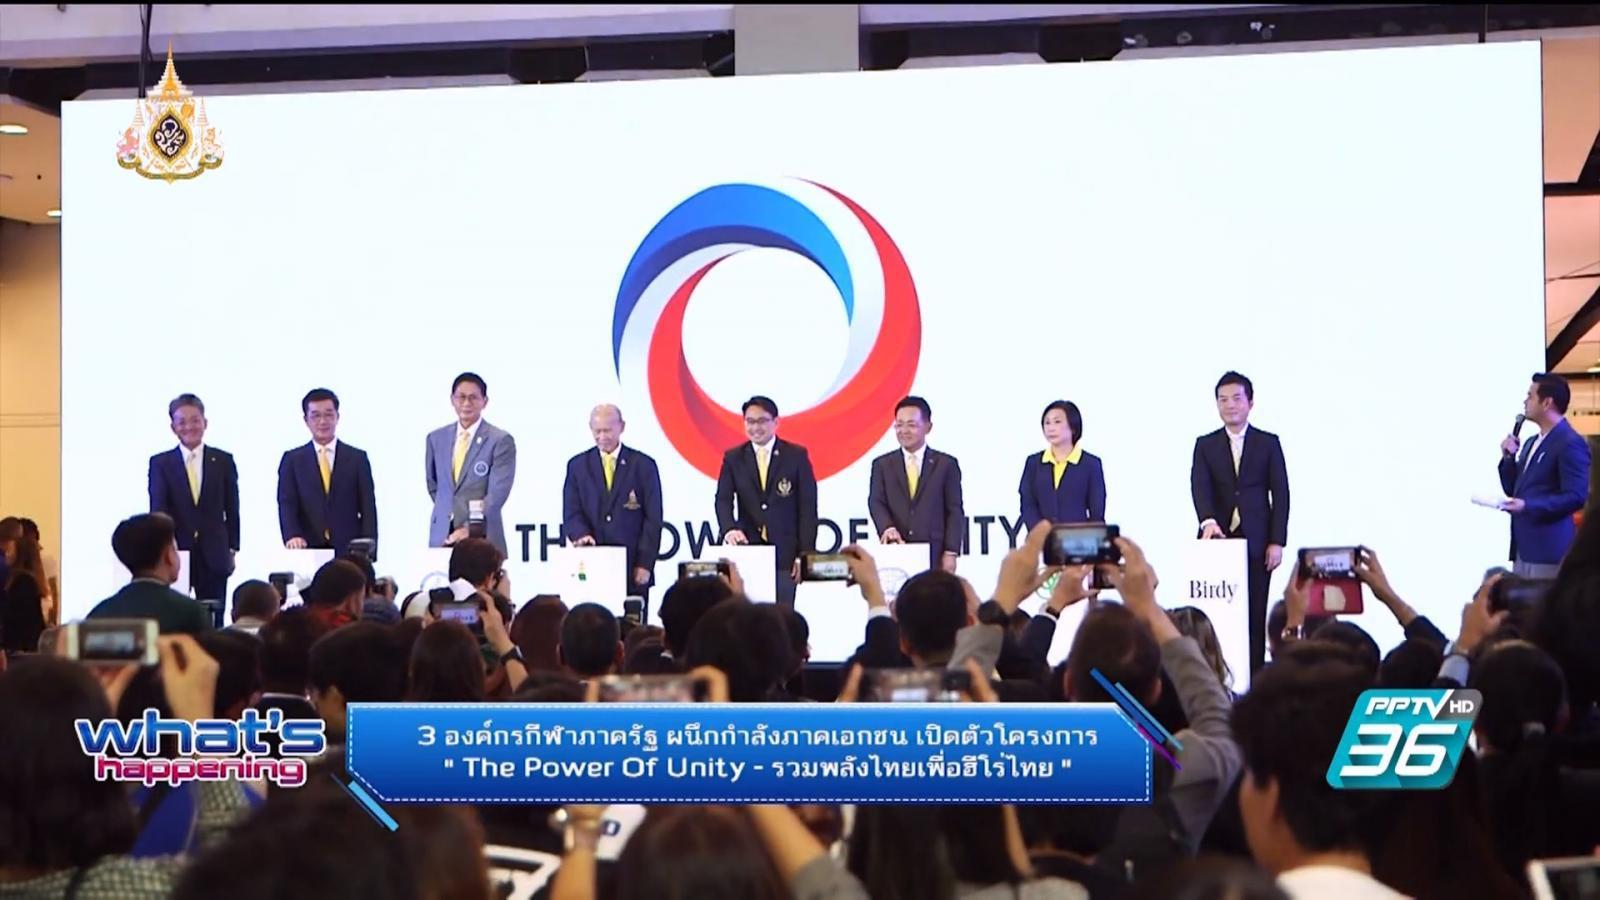 """3 องค์กรกีฬาภาครัฐ เปิดตัวโครงการ """"The Power Of Unity -รวมพลังไทยเพื่อฮีโร่ไทย"""""""